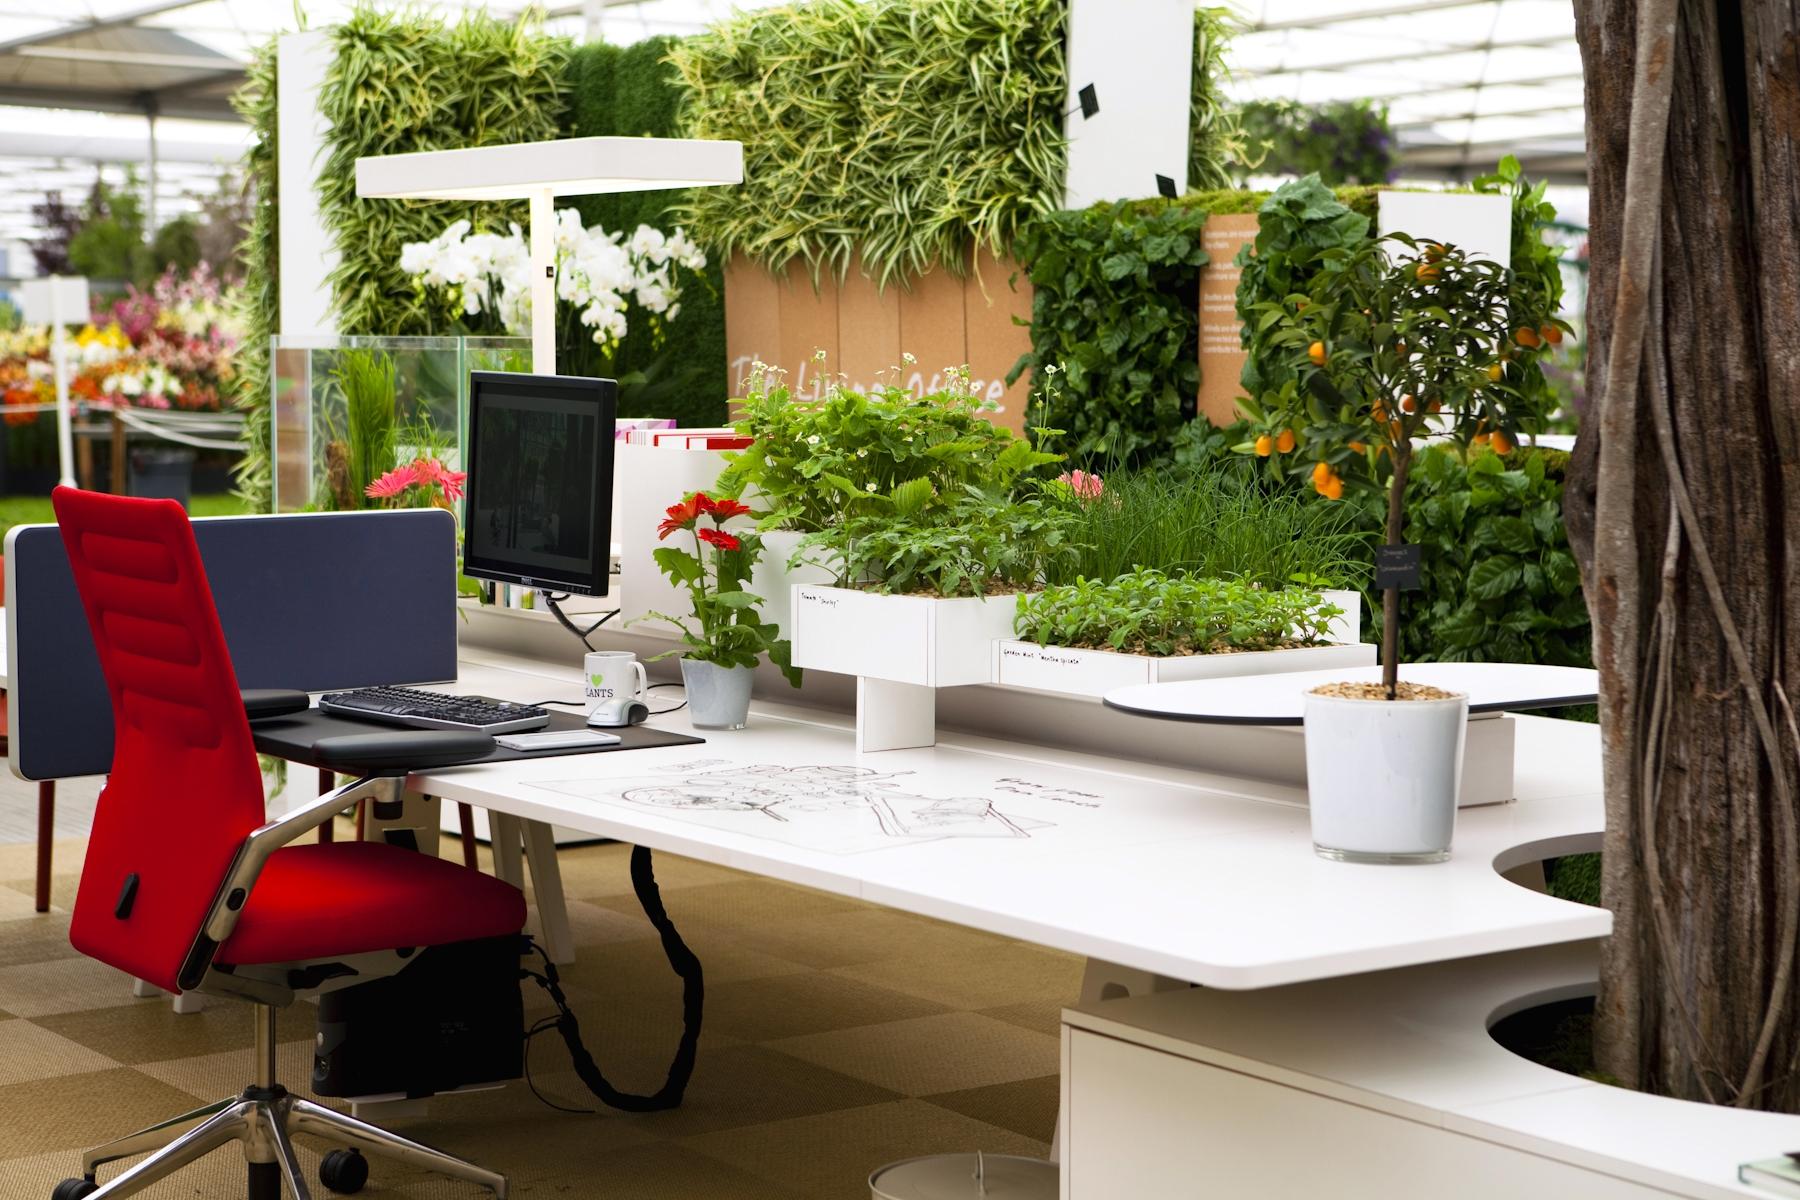 Thiết kế không gian xanh hiện đại